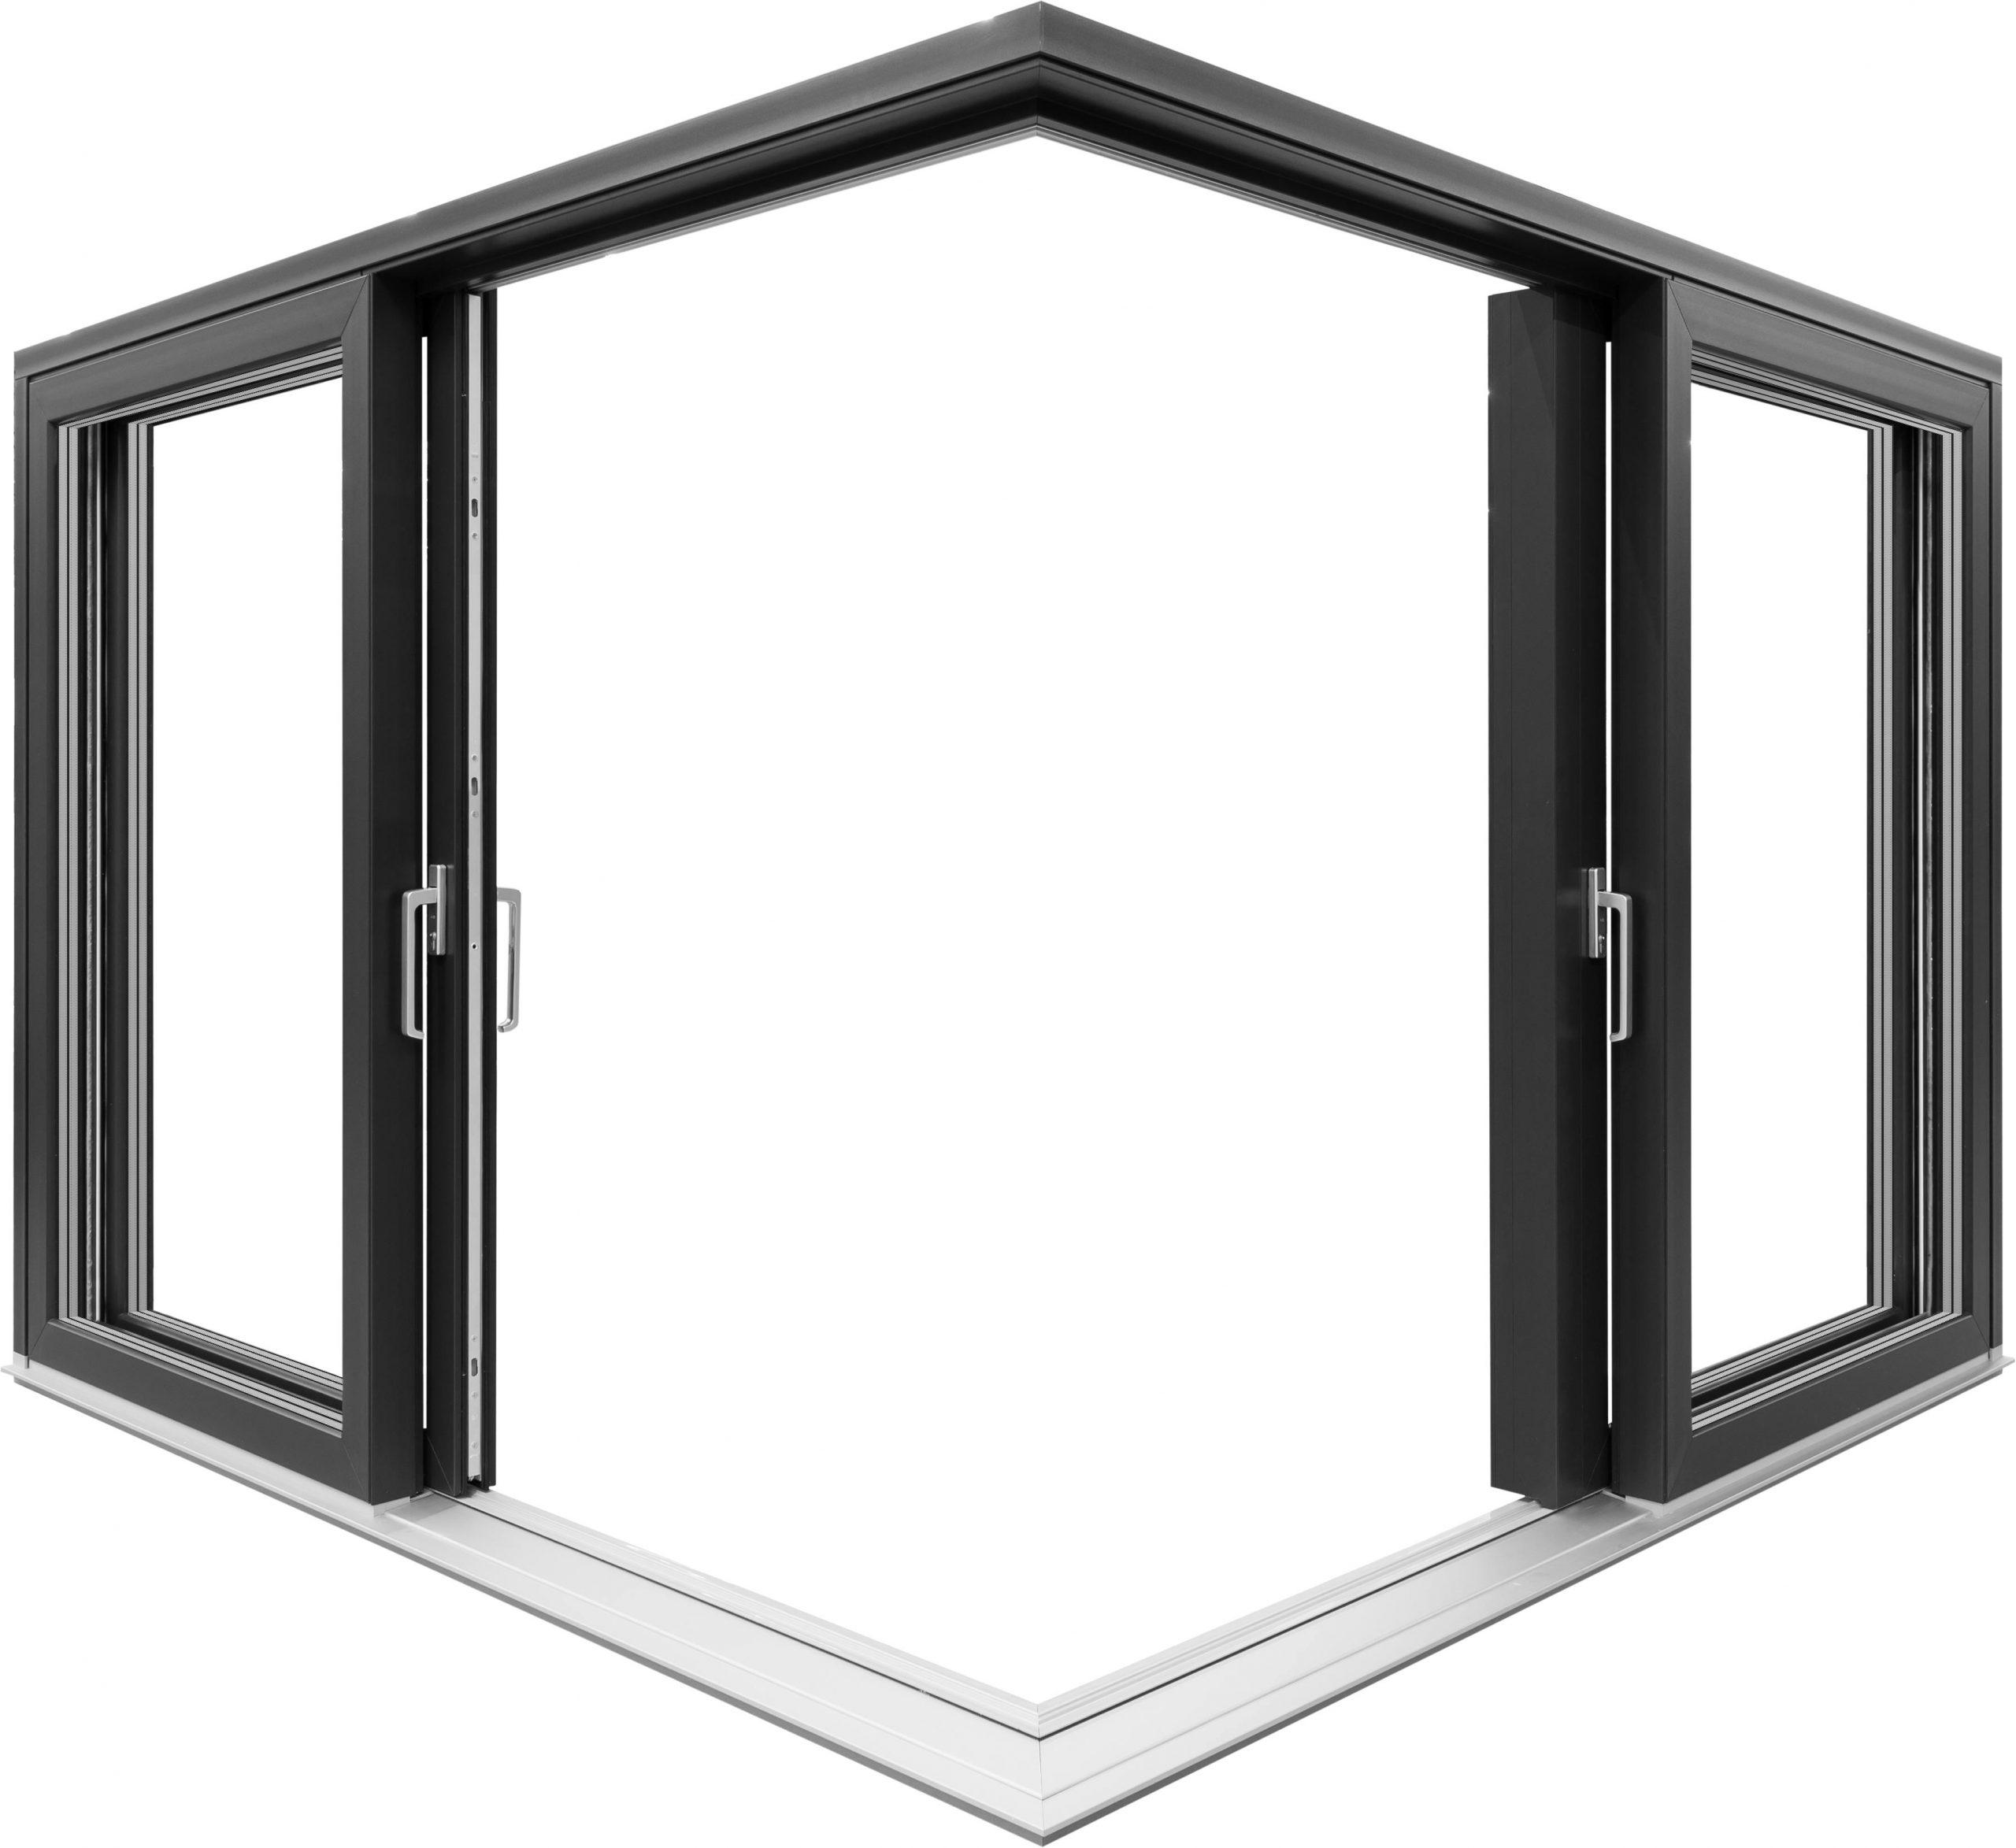 Full Size of Drutex Fenster Forum In Polen Kaufen Bewertungen Aus Bewertung Erfahrungsberichte Anpressdruck Einstellen Aluminium Erfahrungen Test Polnische Einbauen Lassen Fenster Drutex Fenster